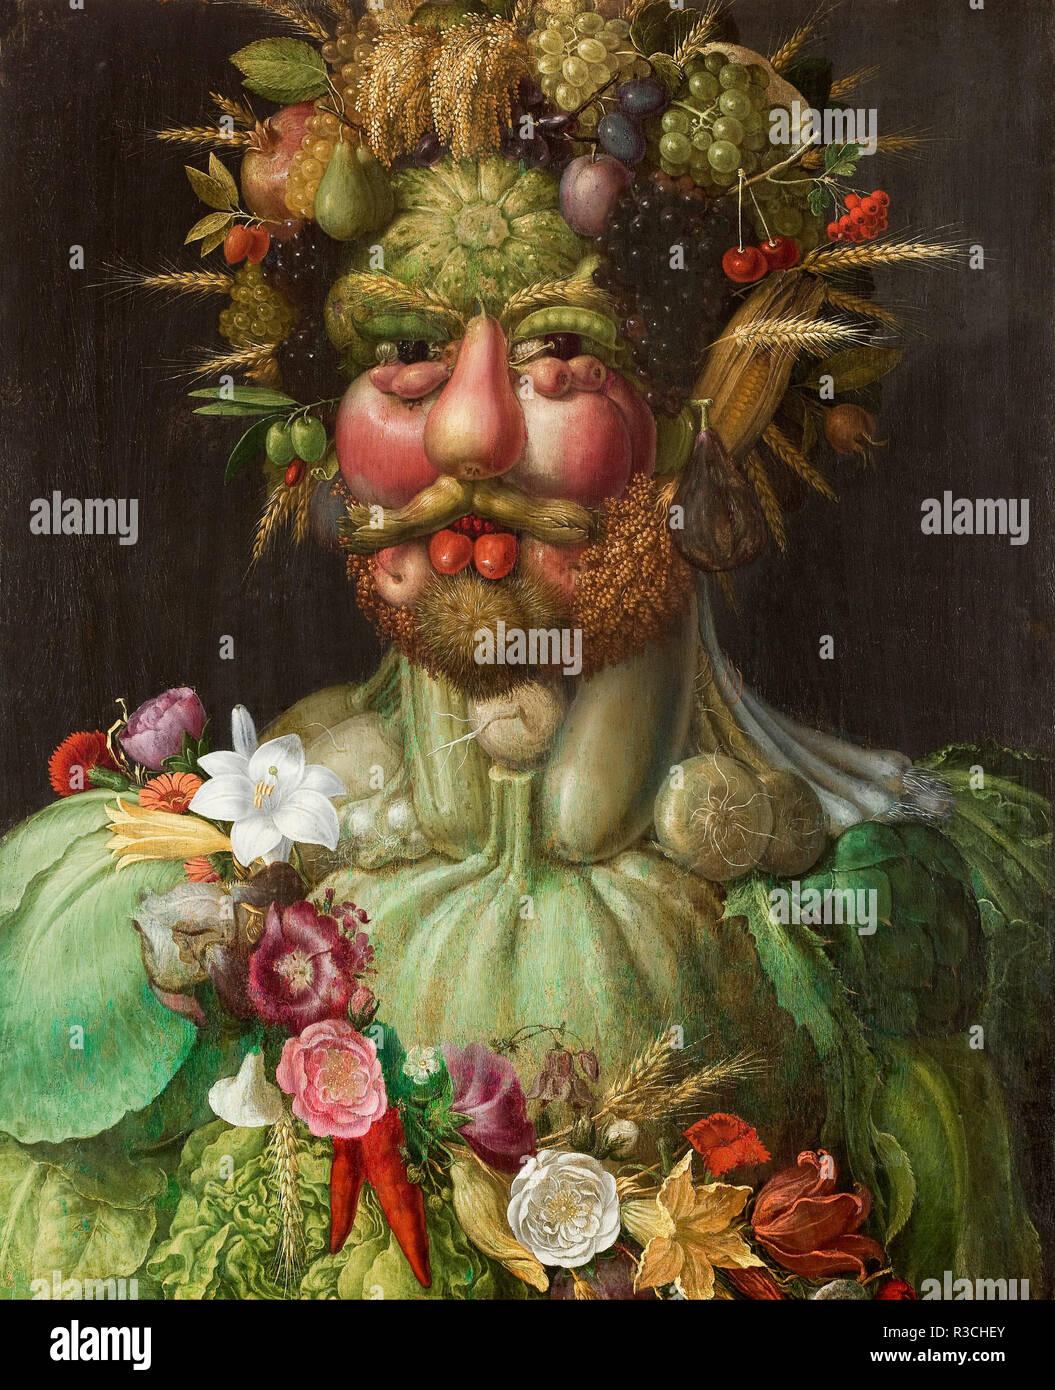 Rodolfo II di Hamsburg Vertumnus o. Data/Periodo: 1590. Disegno. Olio su pannello. Altezza: 680 mm (26.77 in); larghezza: 560 mm (22.04 in). Autore: Giuseppe Arcimboldo. ARCIMBOLDO, GIUSEPPE. Immagini Stock